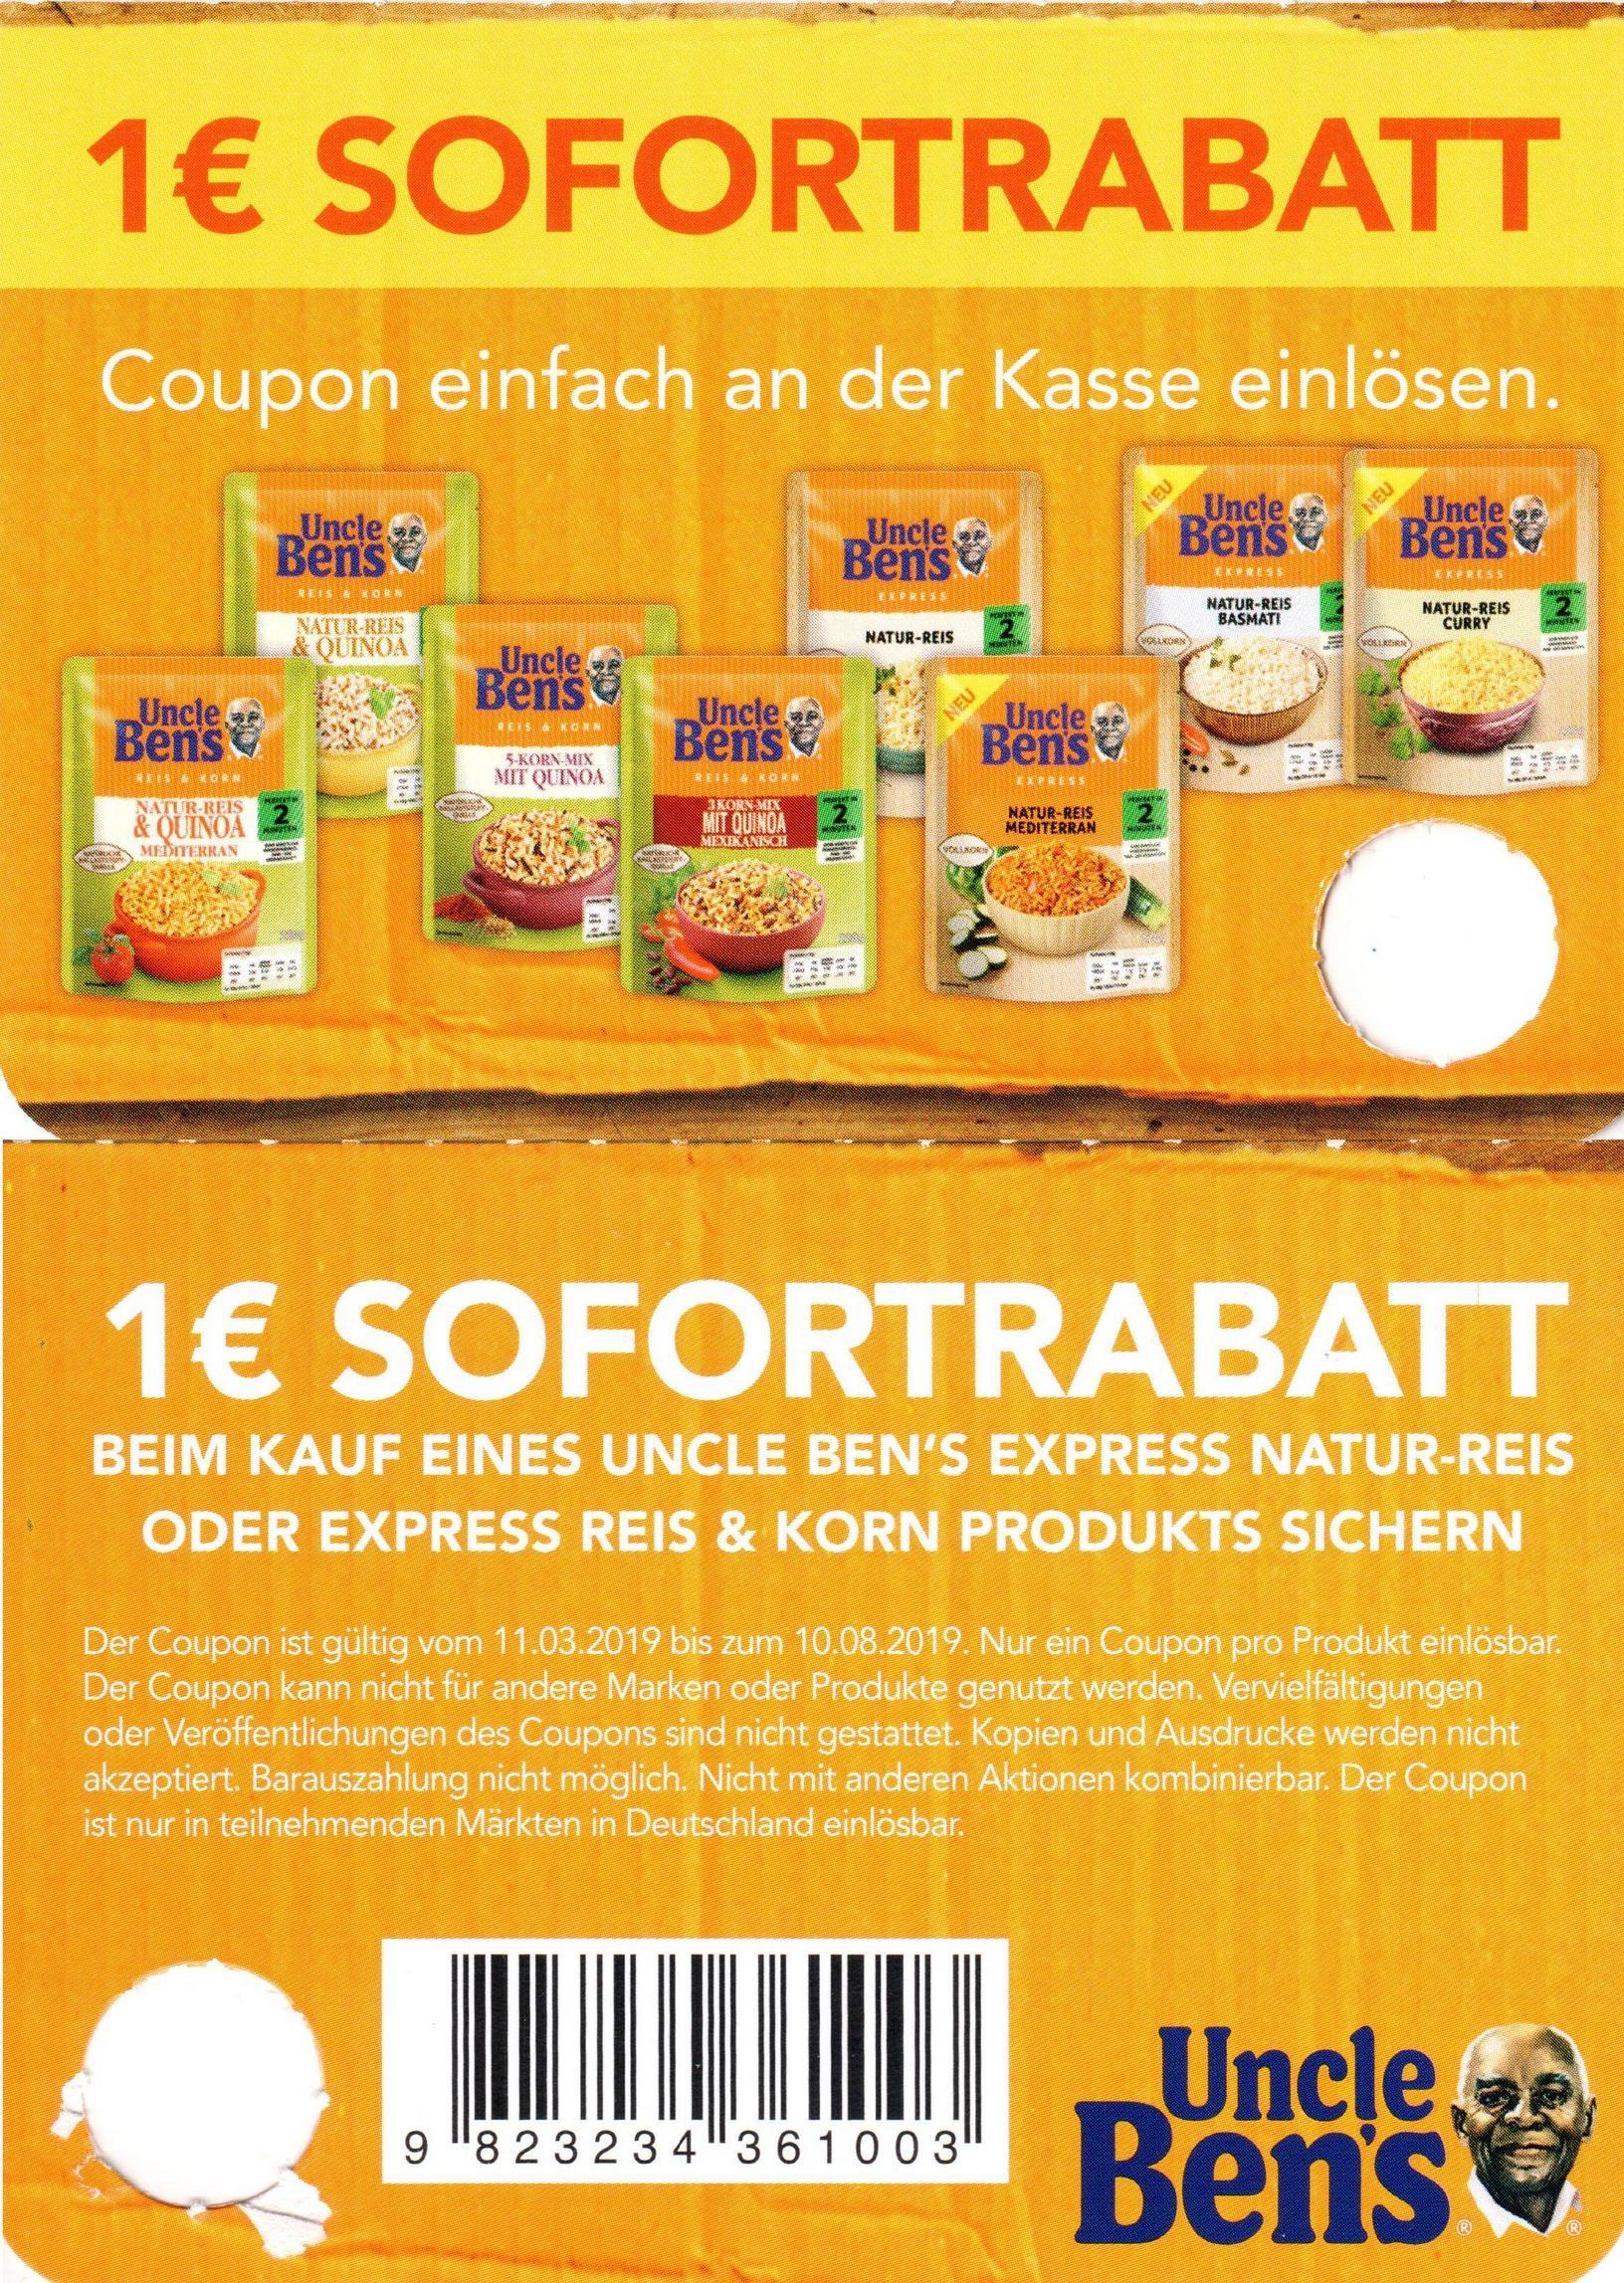 1€ Coupon für den Kauf eines Uncle Ben's Express Natur-Reis oder Reis&Korn Produktes bis 10.08.2019